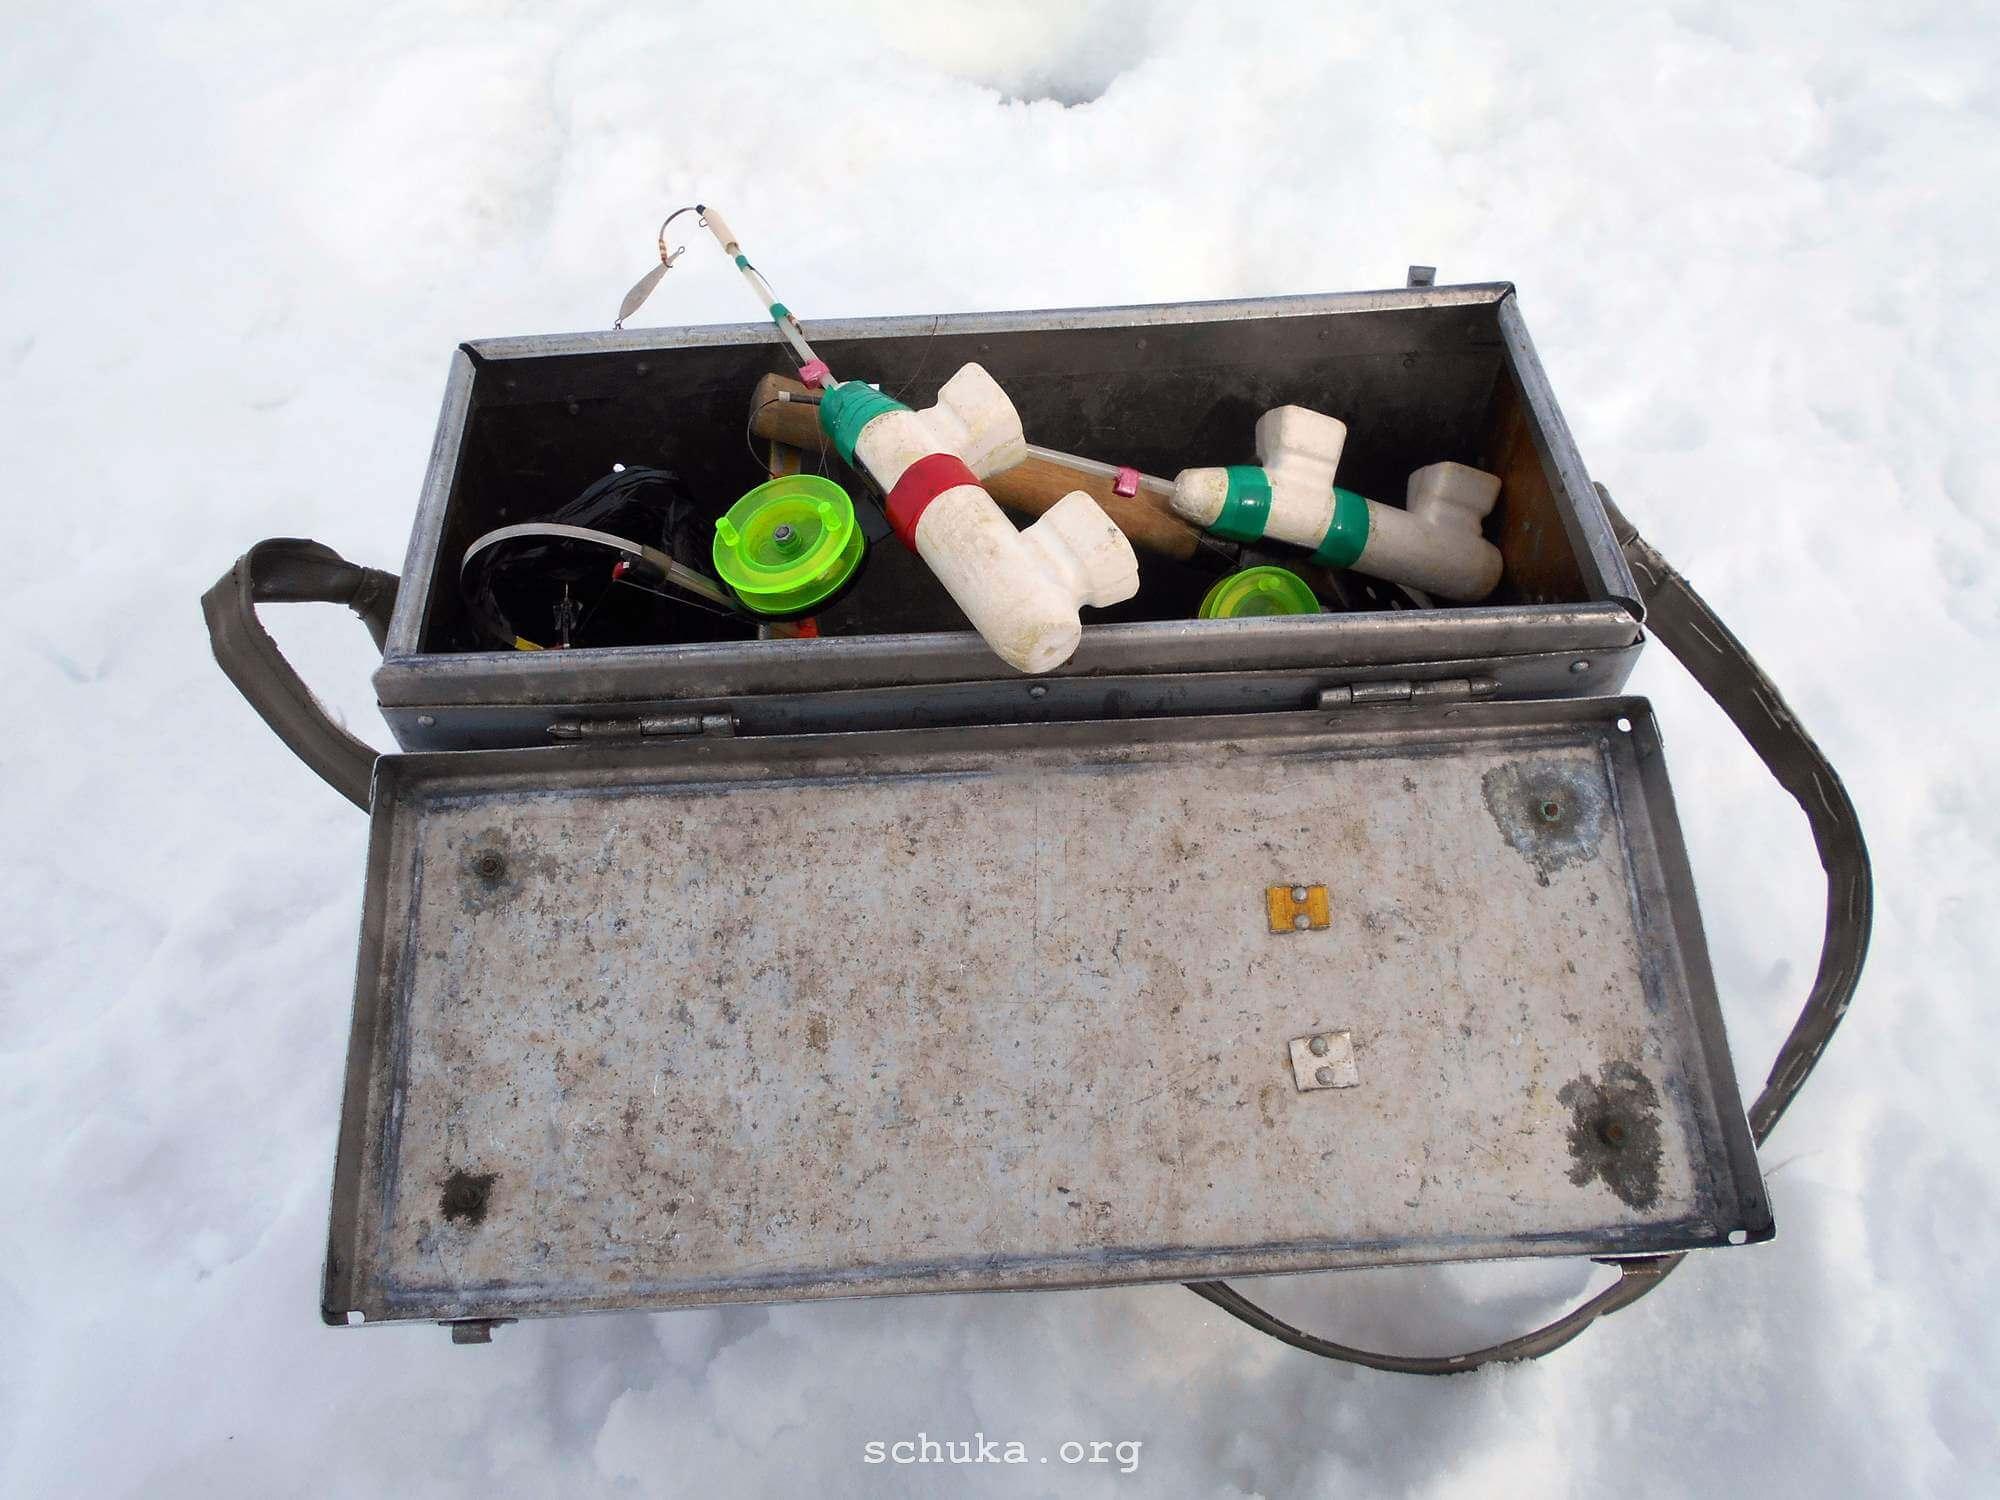 Зимняя рыбалка - хитрости и уловки для хорошего клёва